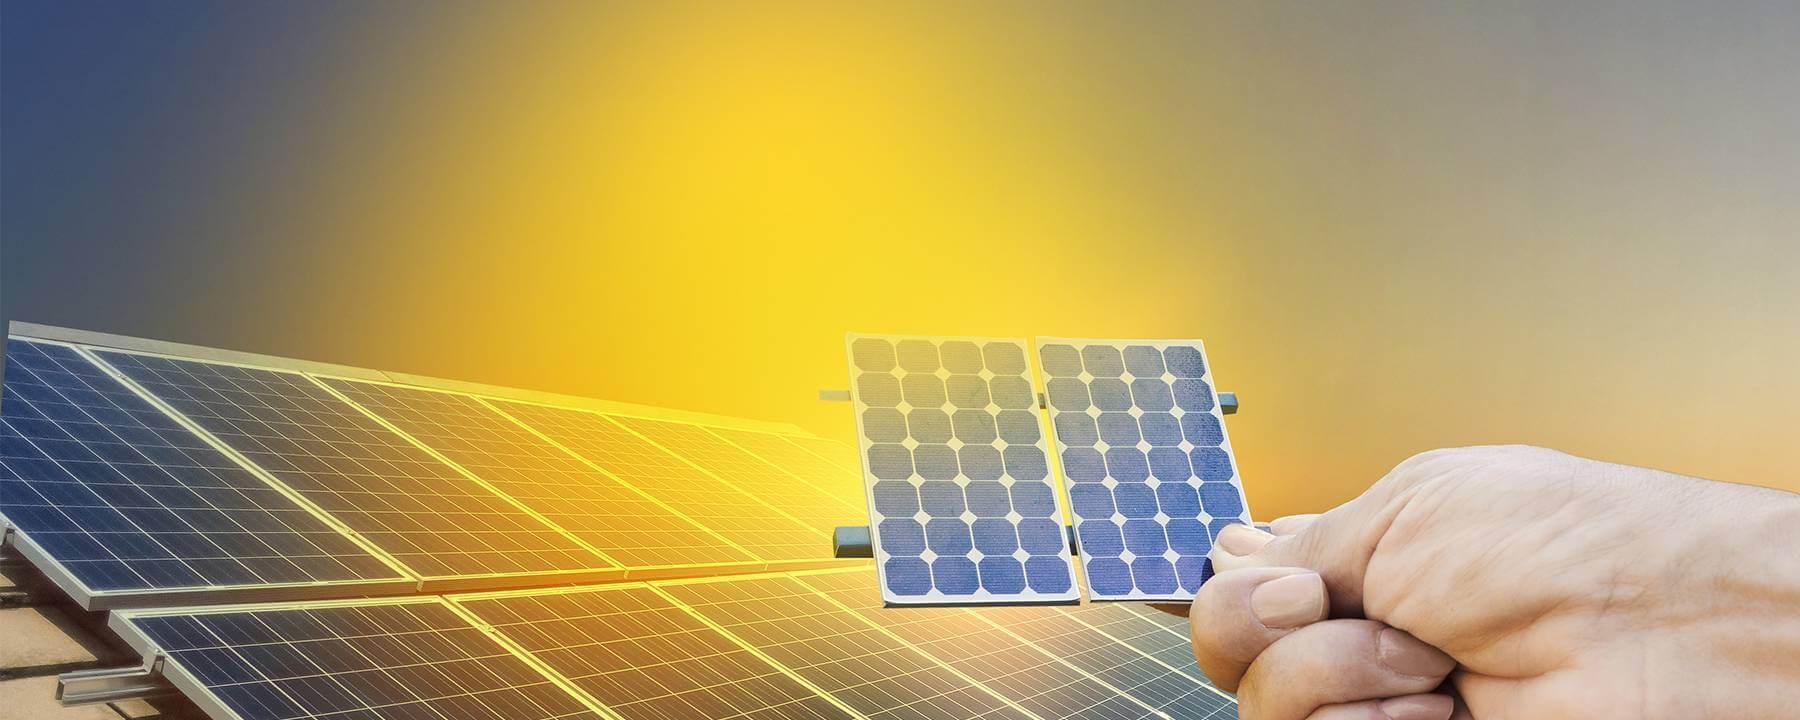 Energia solar térmica e fotovoltaica: entenda a diferença